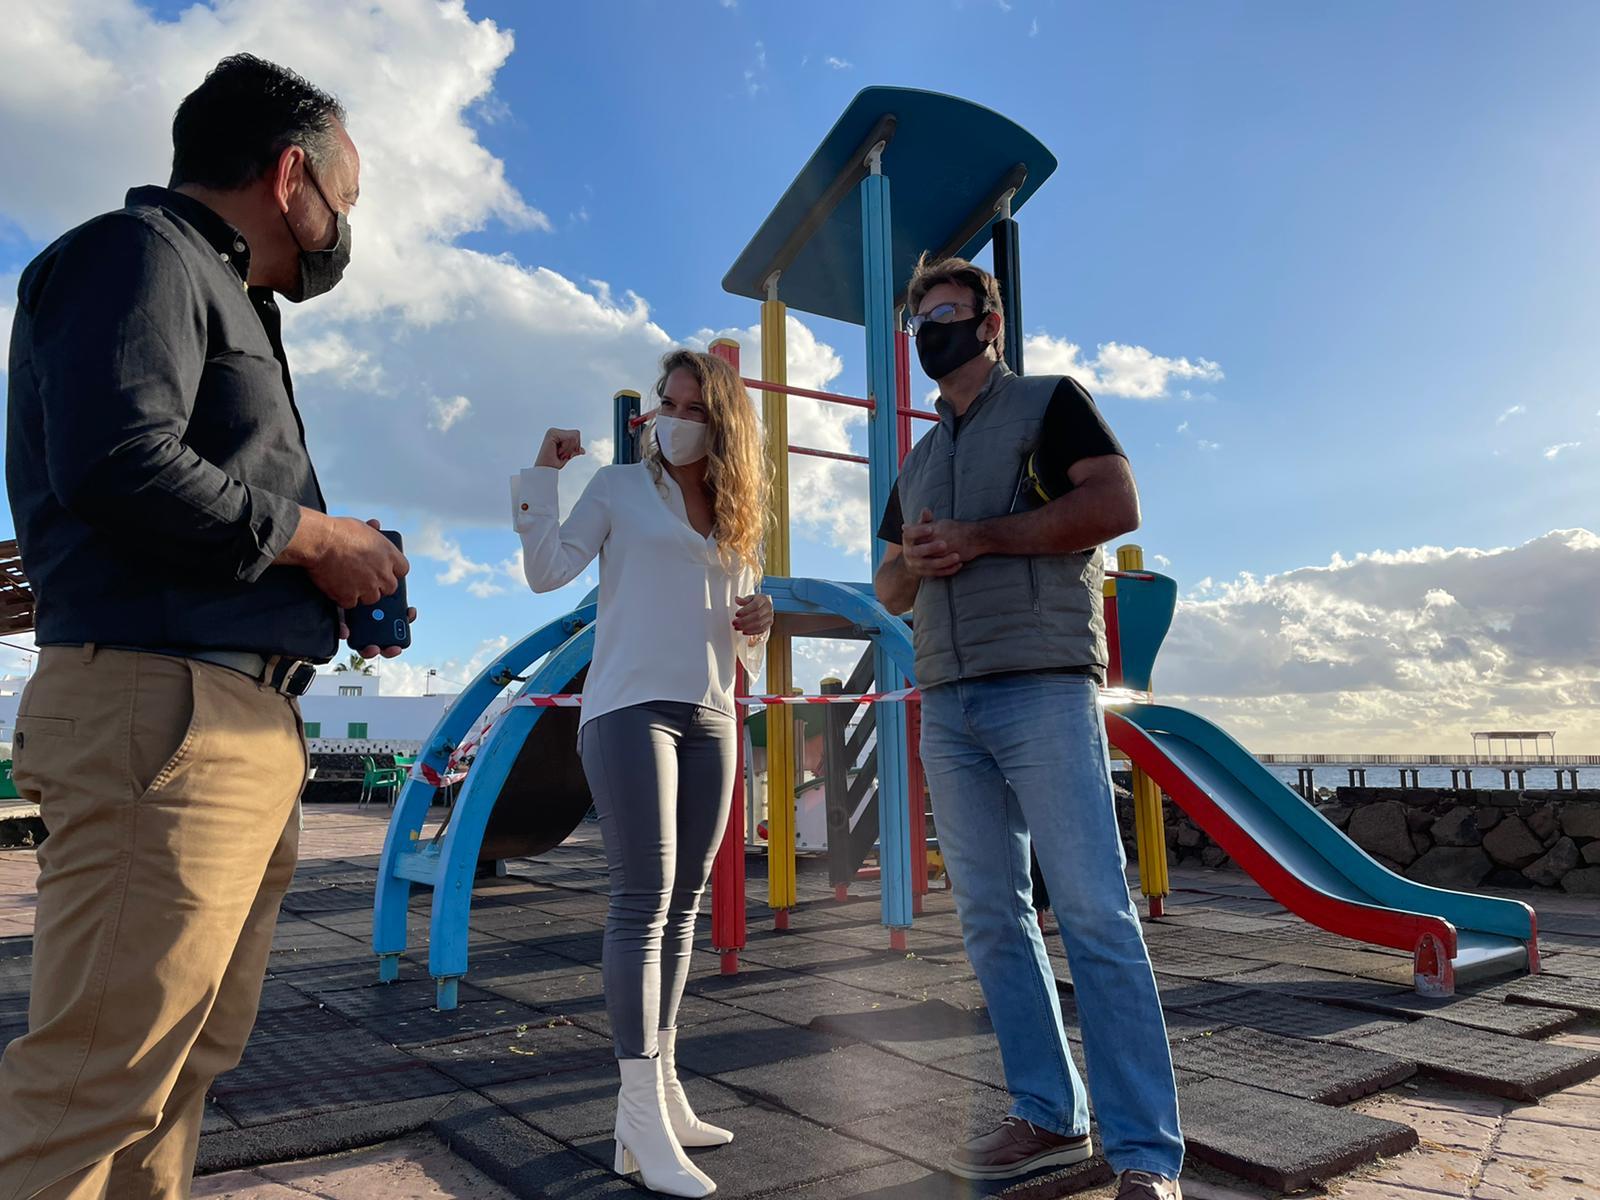 Haría invertirá más de 60.000 euros en la renovación de los parques infantiles de Arrieta, Punta Mujeres y Máguez